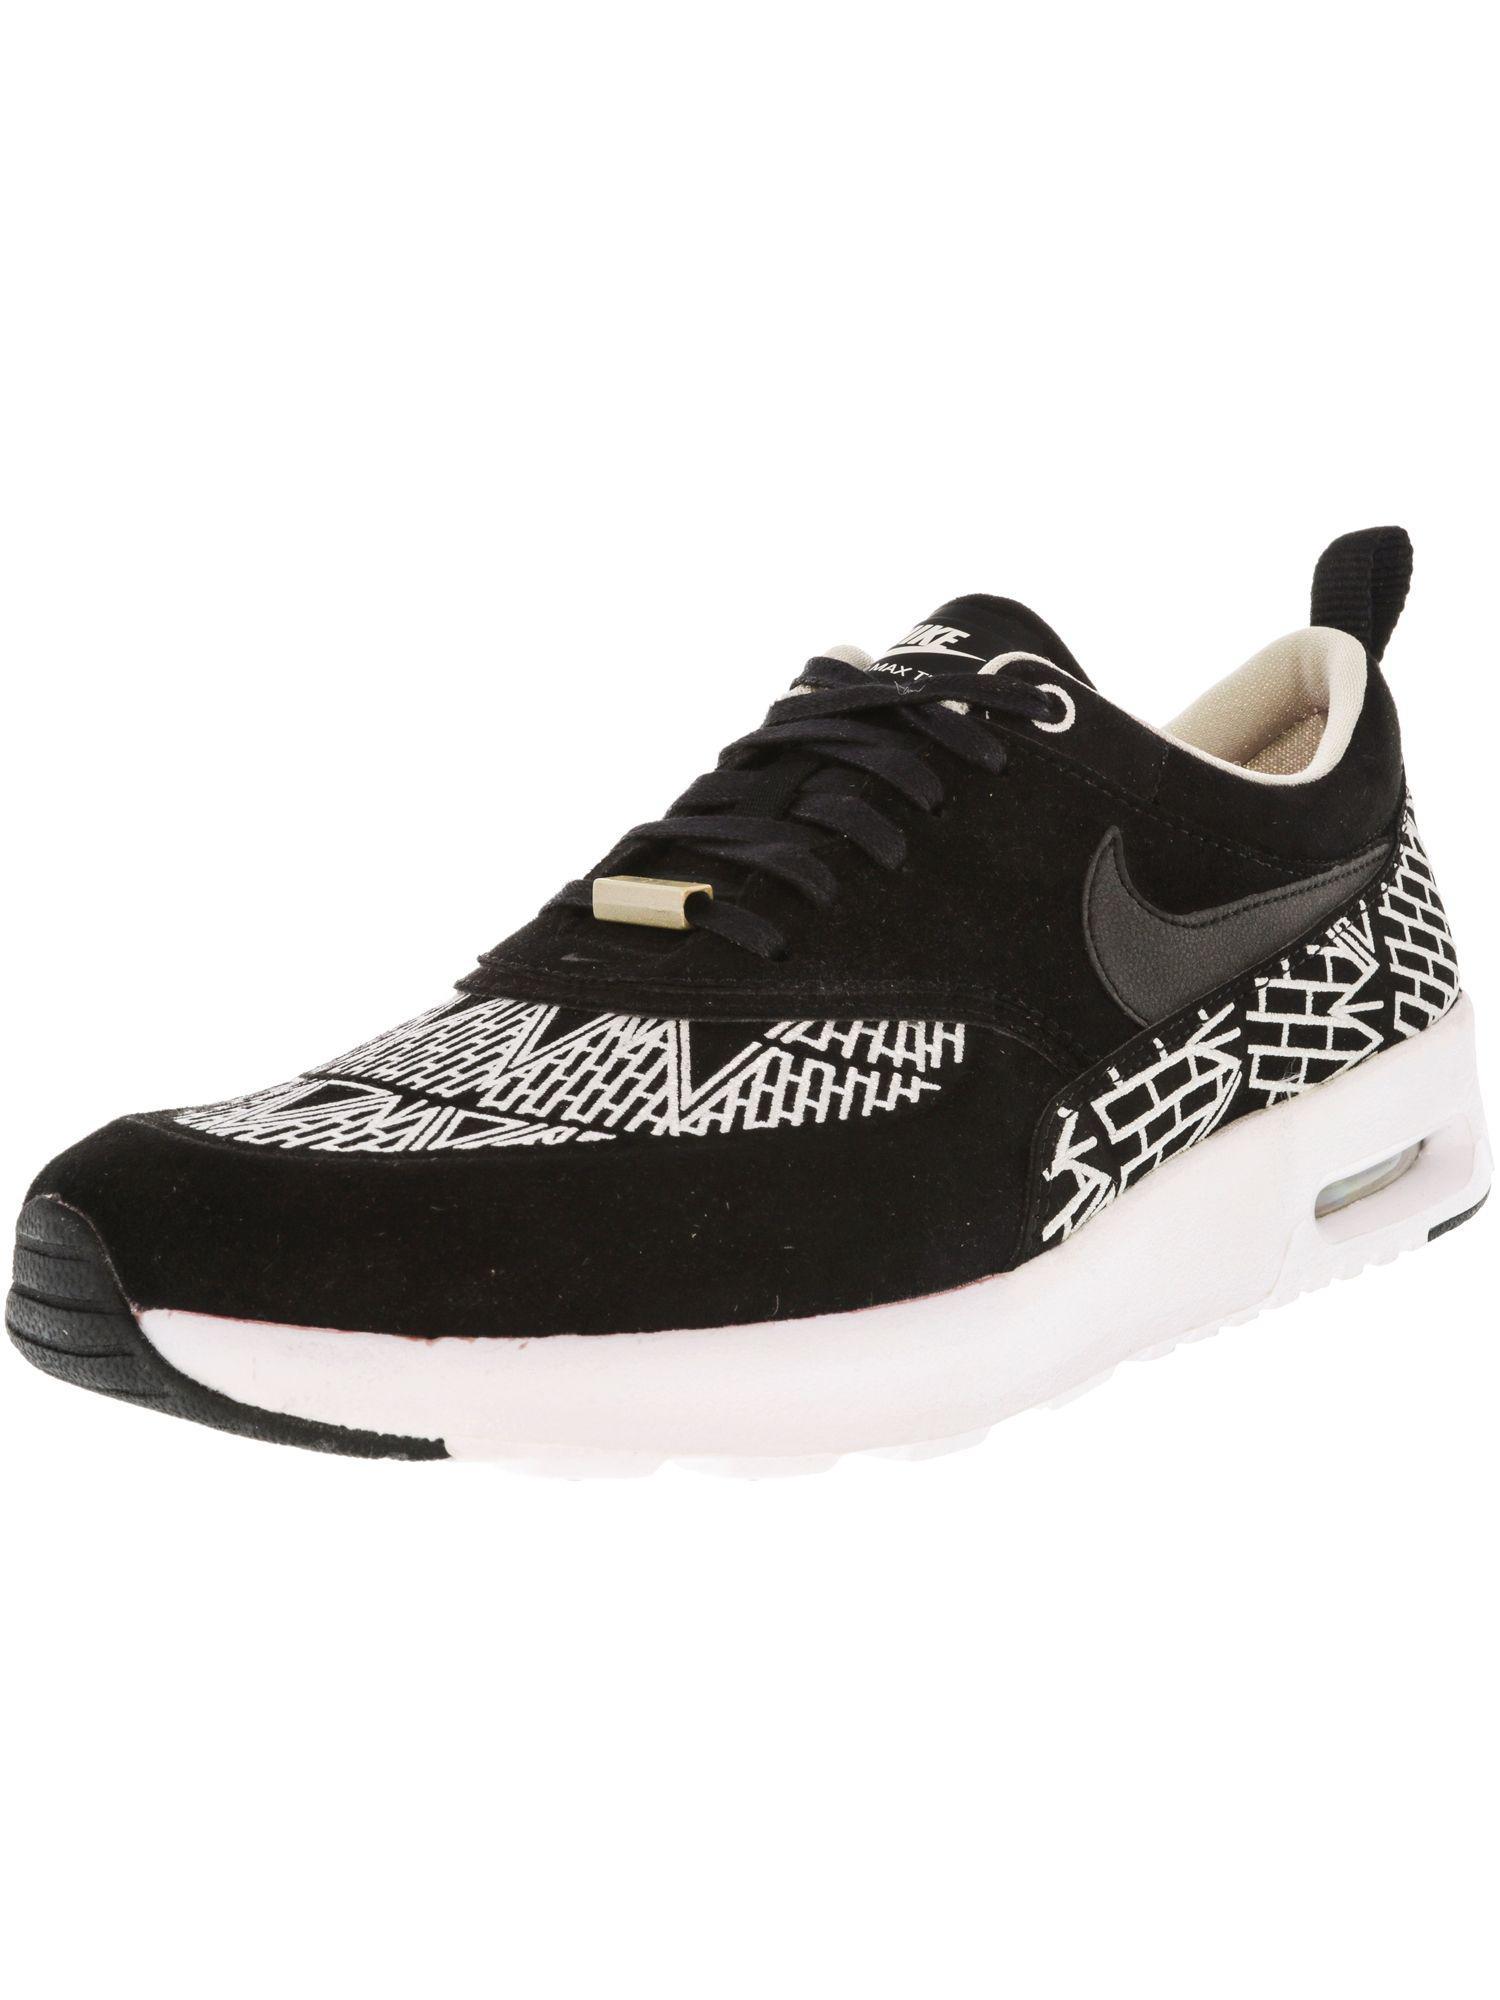 new product 2261c ddadb Nike. Women s Air Max Thea Lotc Qs Black   White ...